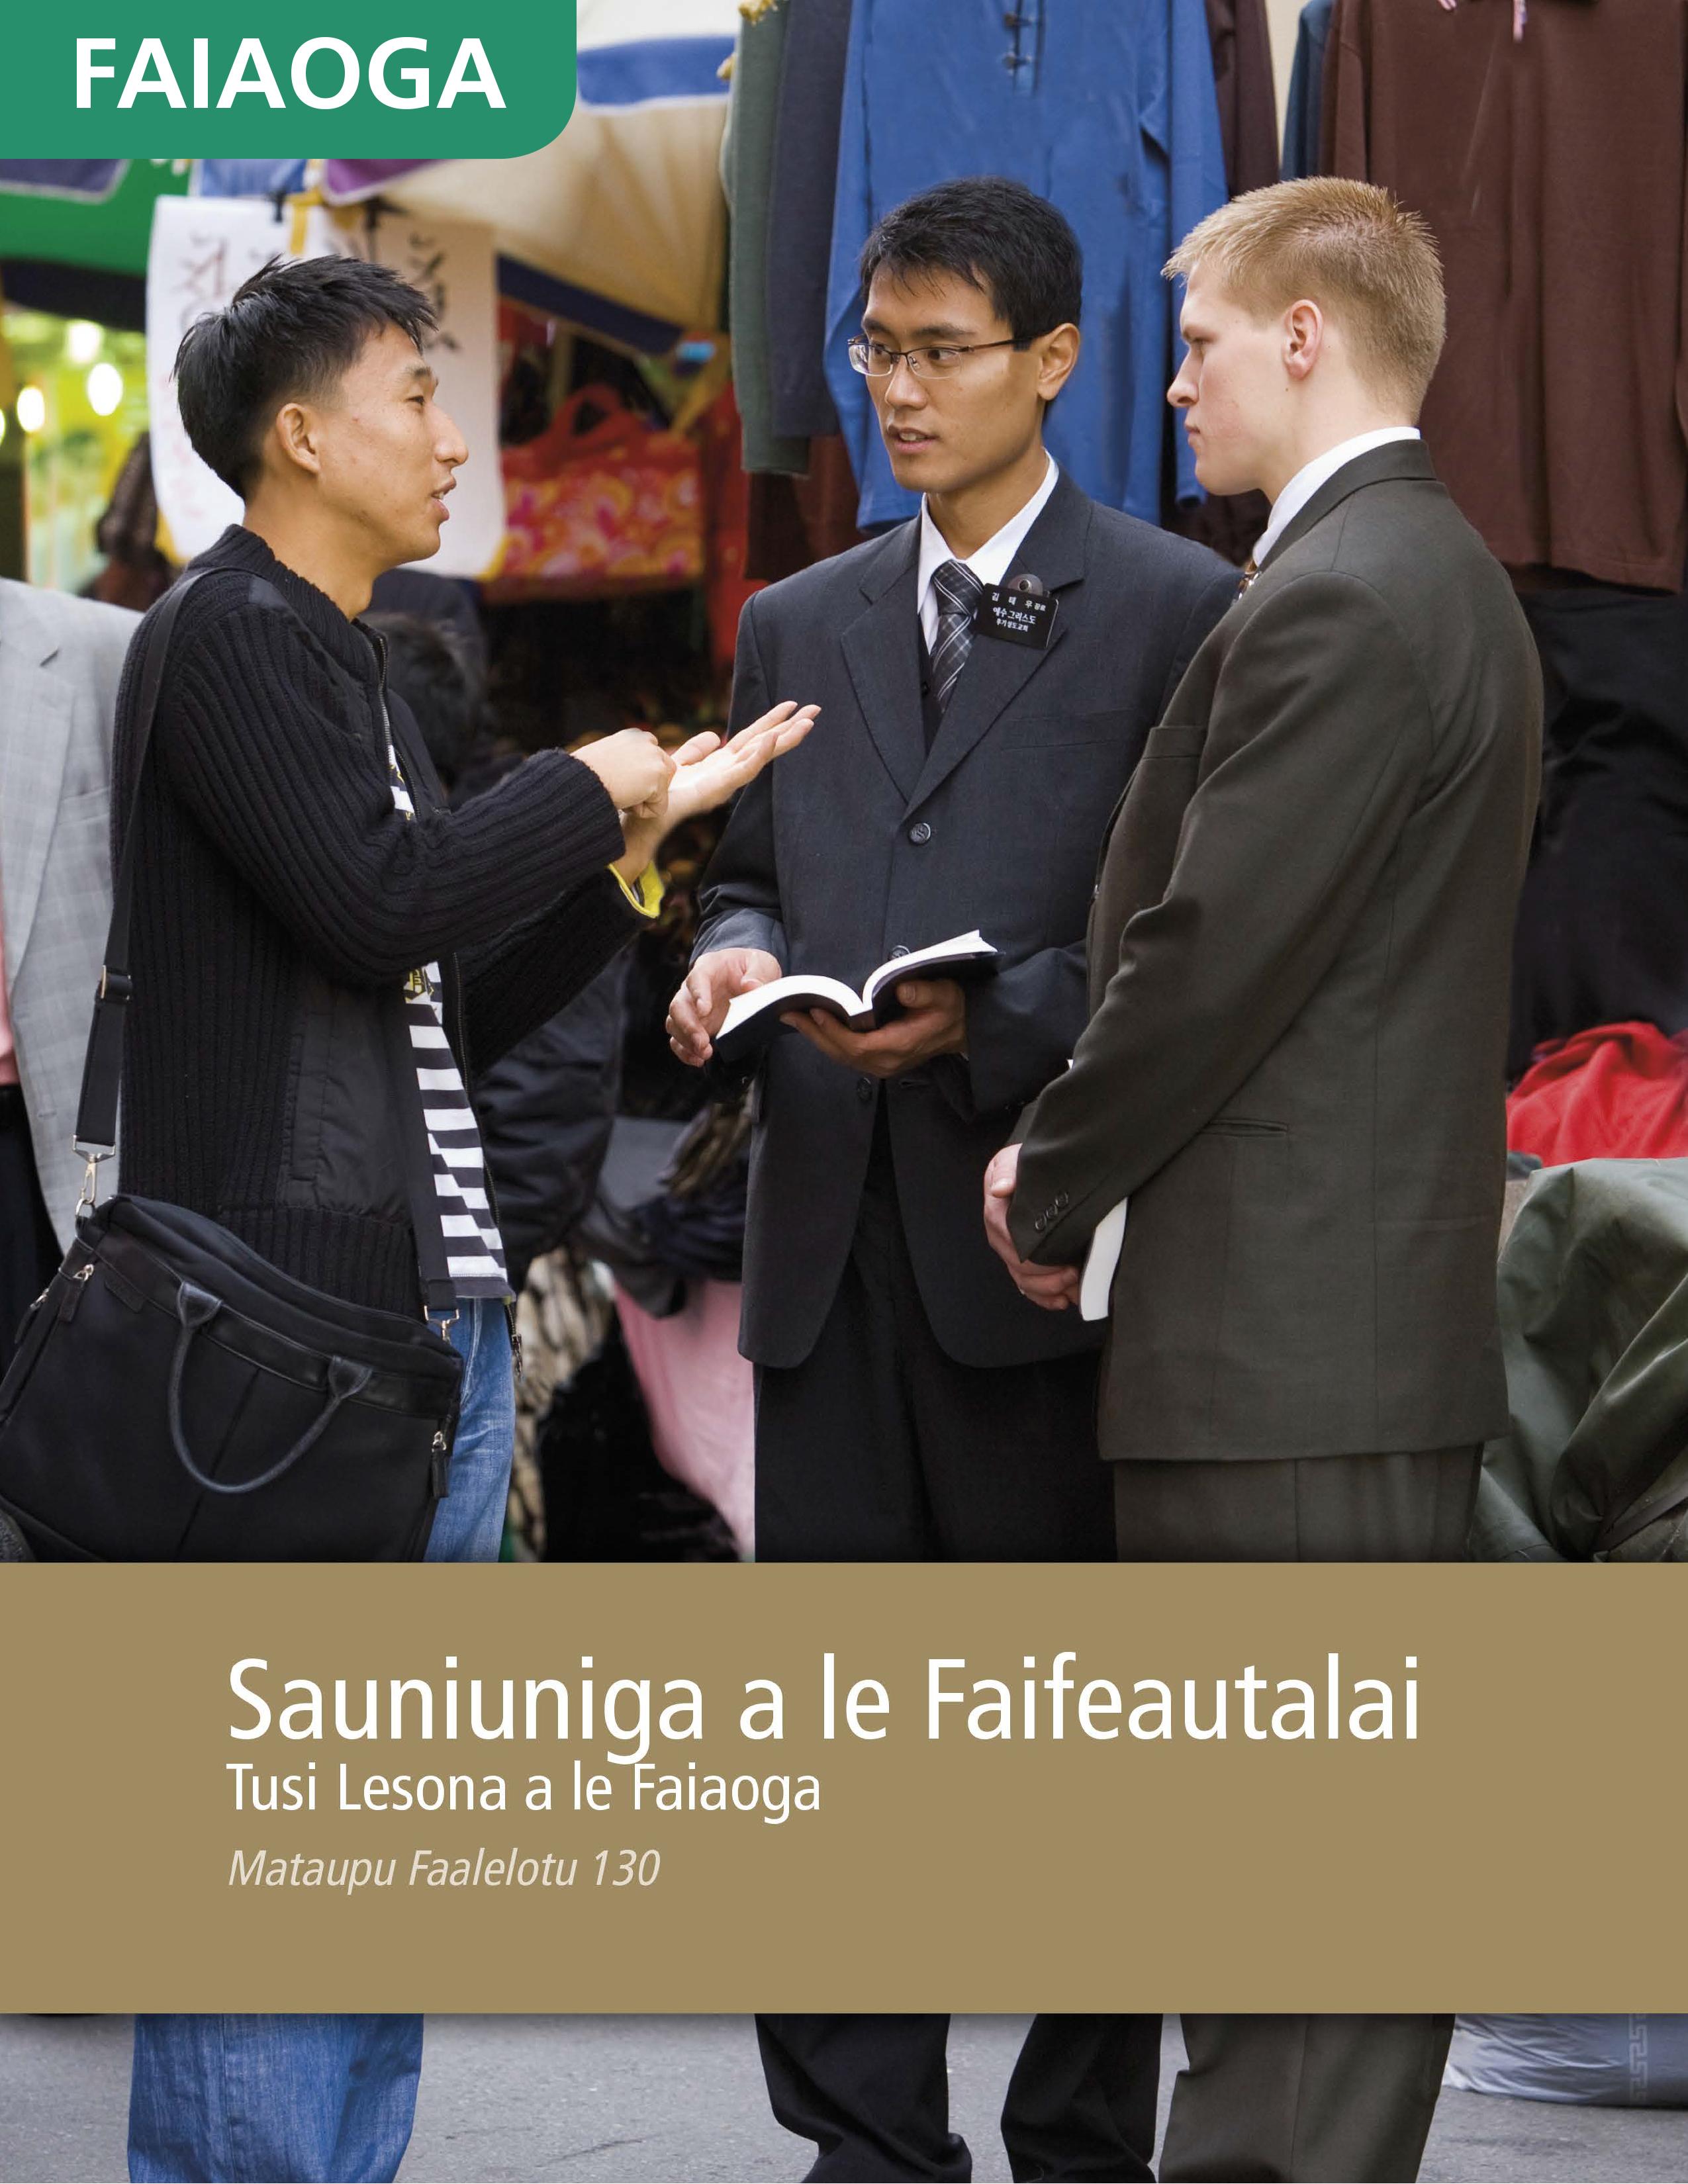 Tusi Lesona a le Faiaoga o le Sauniuniga a le Faifeautalai (Mataupu Faalelotu 130)